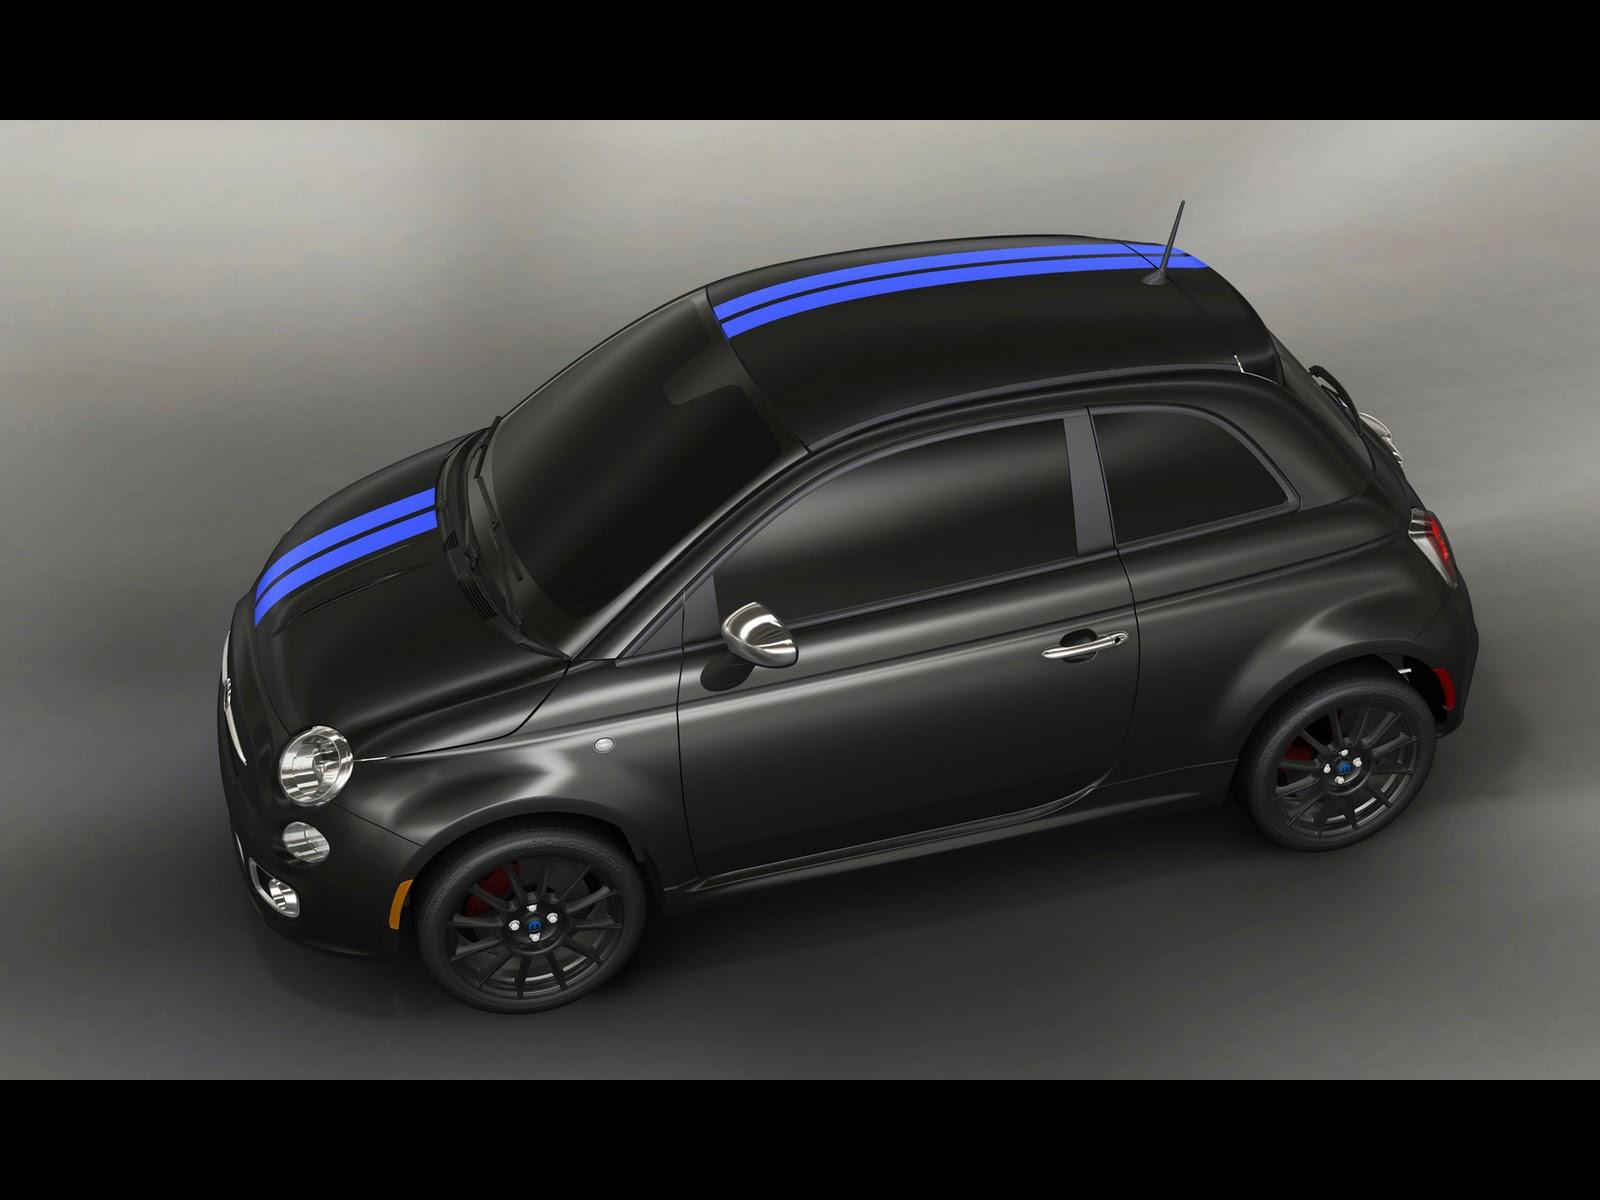 http://2.bp.blogspot.com/_viCh1SFyGrA/TUEzPfEBl1I/AAAAAAAAARc/zKR7MAd4tIY/s1600/2012-Fiat-500-by-Mopar-Side-Angle-Top-1920x1440.jpg